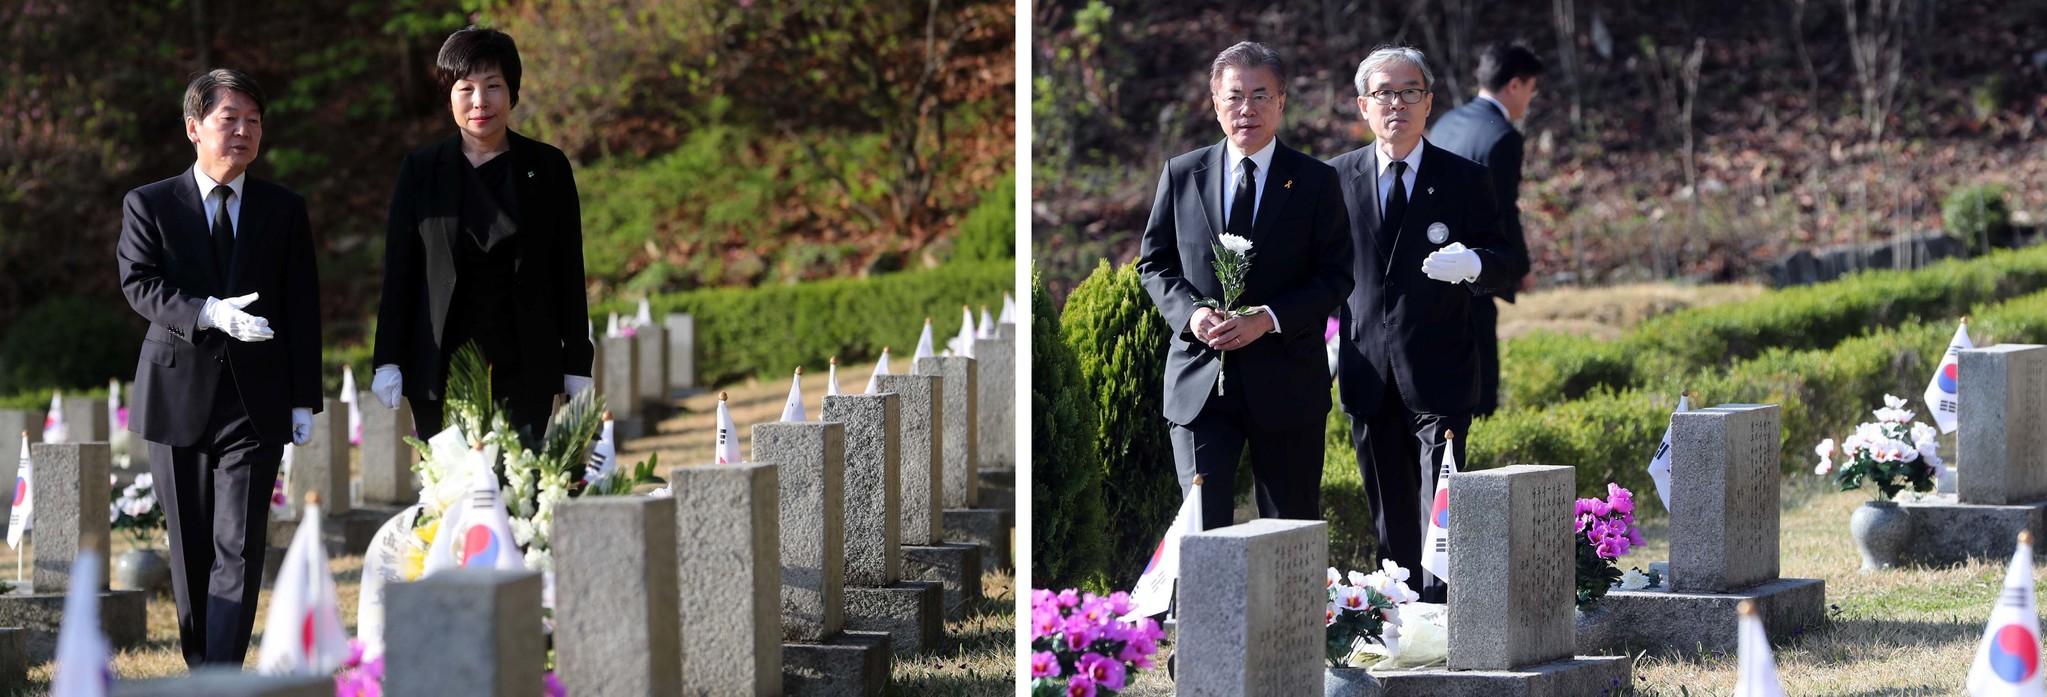 19일 안철수 국민의당 후보(왼쪽)는 오전 7시4분, 문재인 더불어민주당 후보는 오전 8시 11분에 서울 강북구 국립4.19민주묘지 내 김주열 열사묘지에 도착하고 있다.박종근 기자